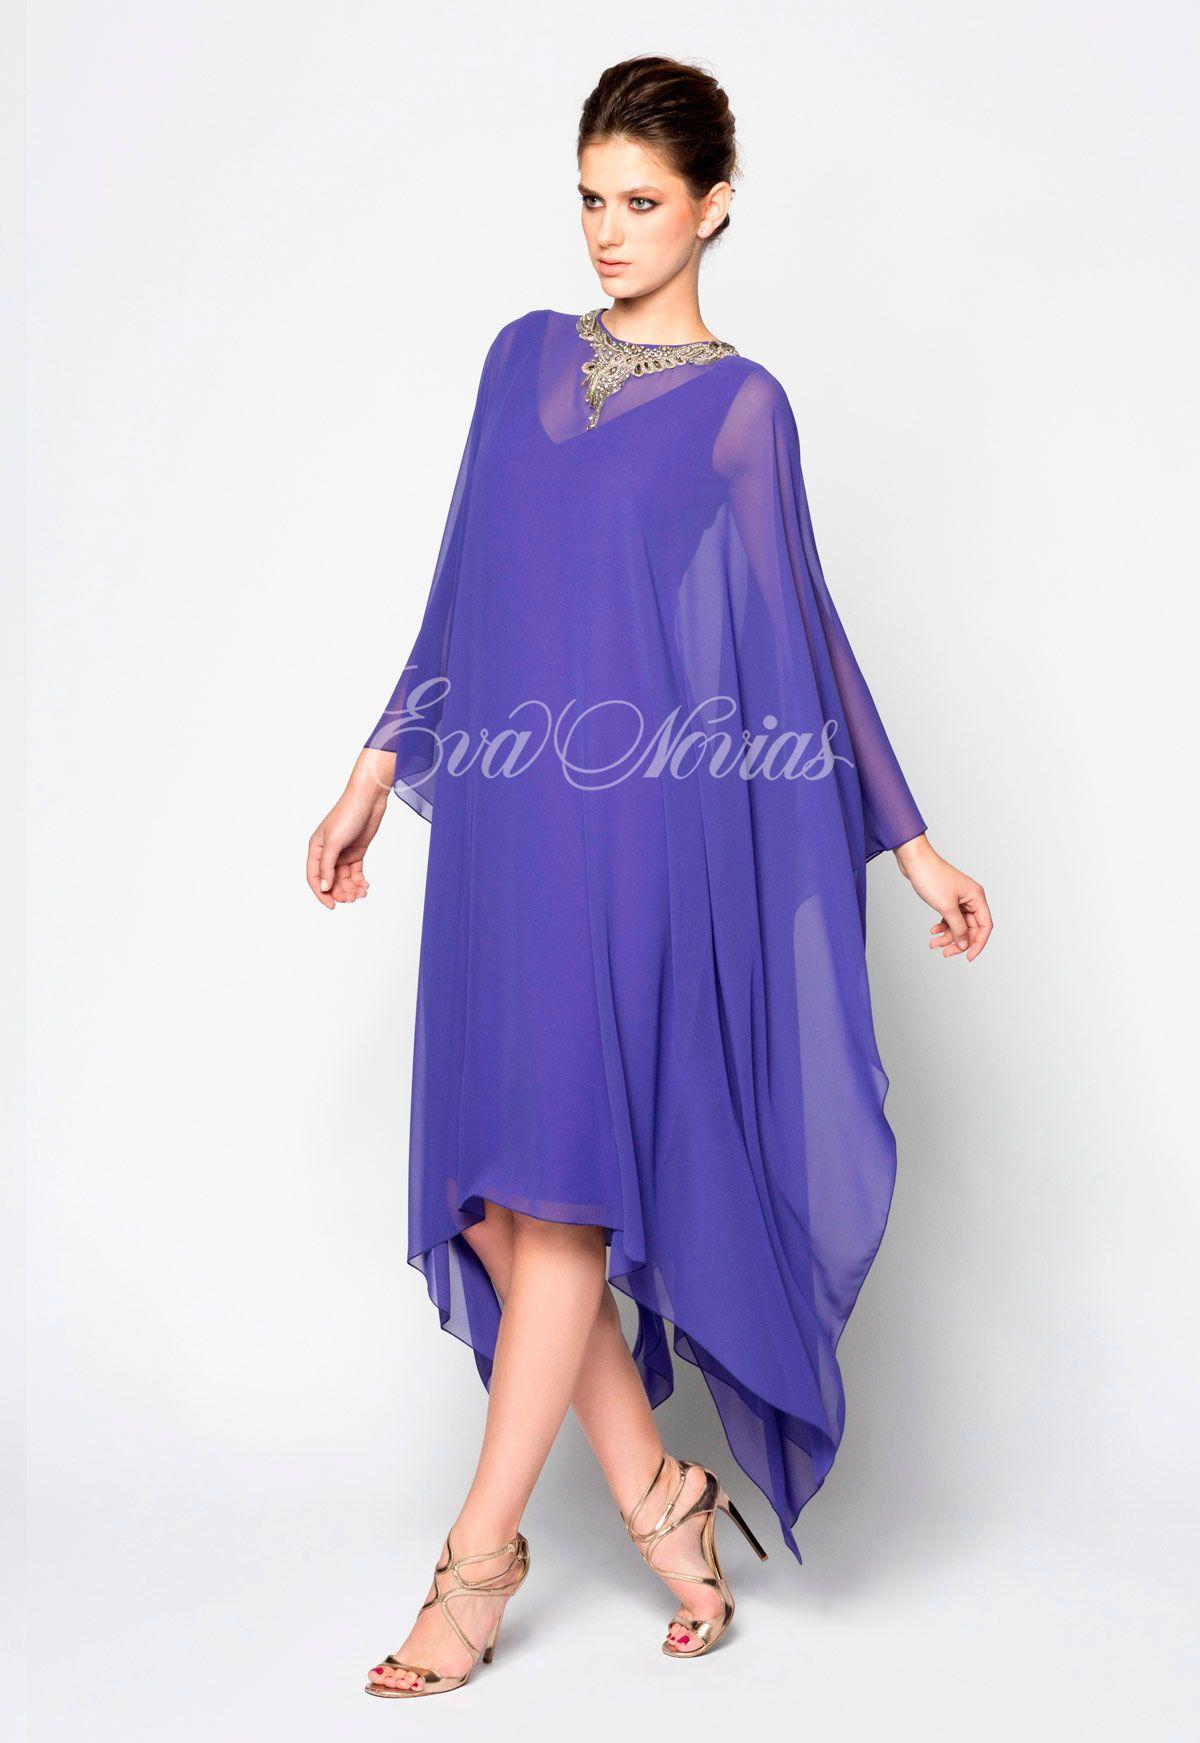 Vestido de fiesta de la firma Victoria colección 2017 Modelo ...